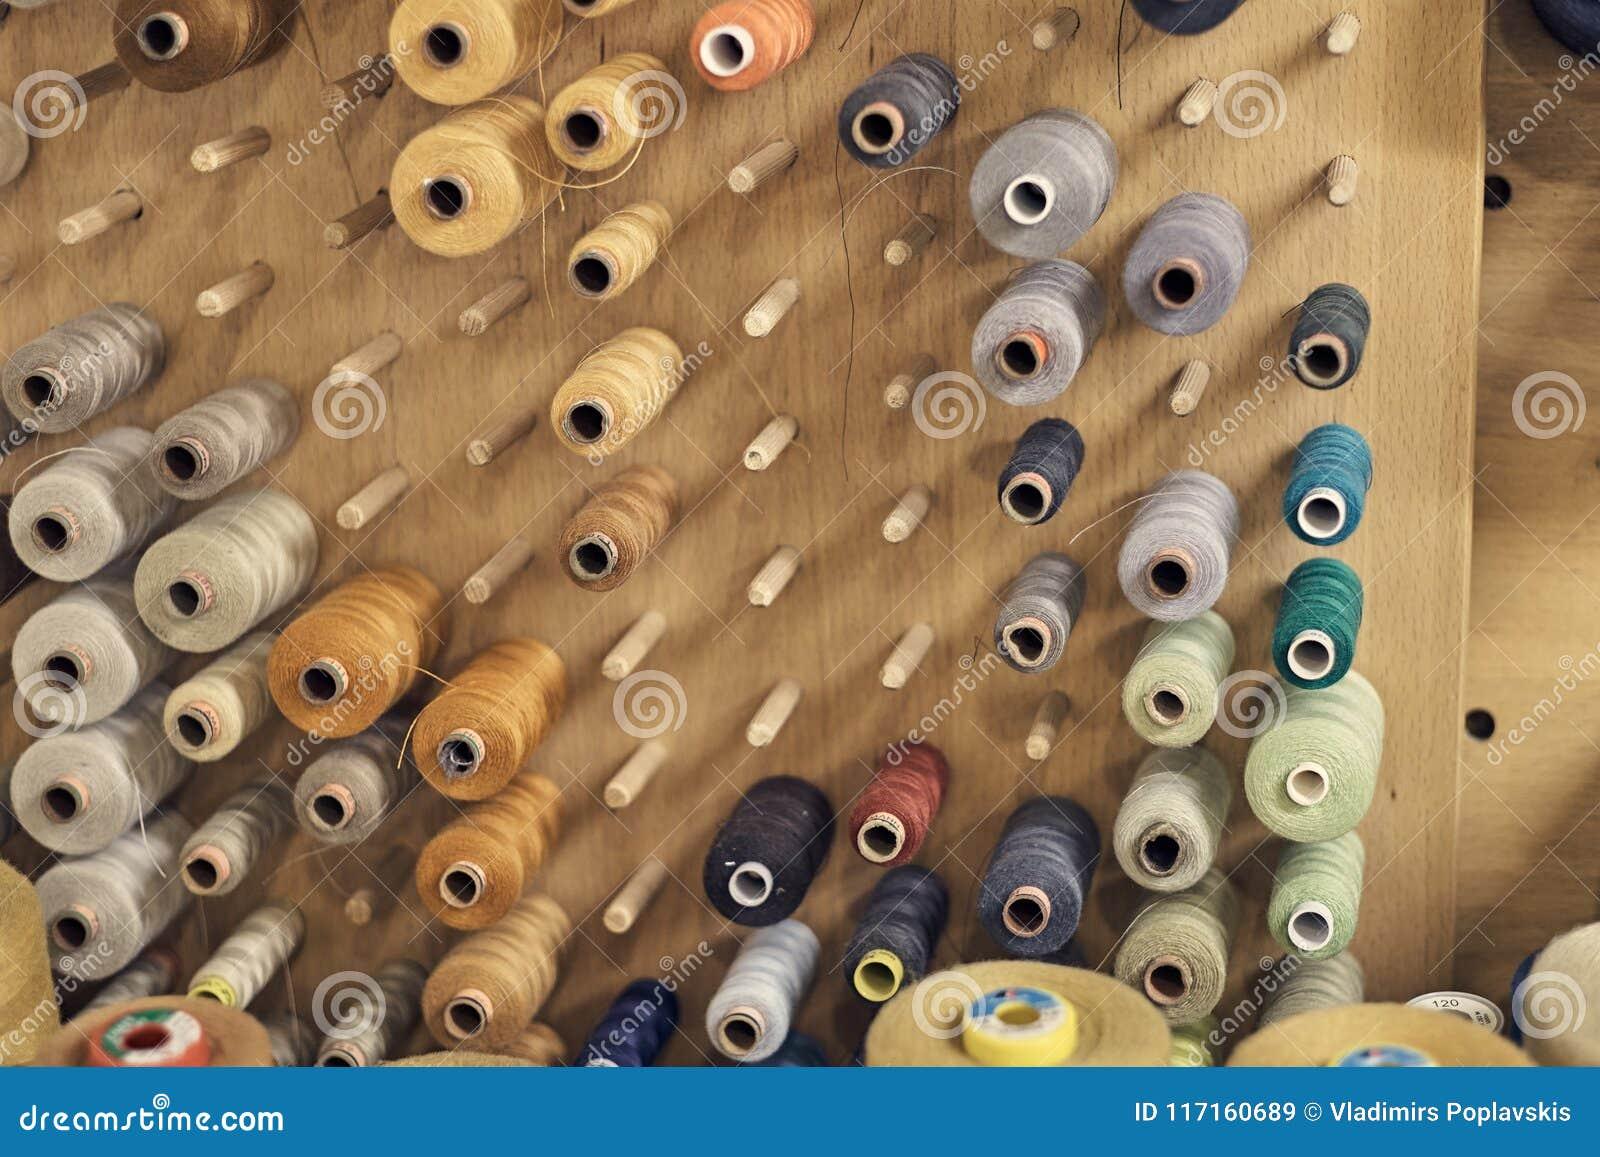 Beeld van heel wat rollen met multi-colored draden